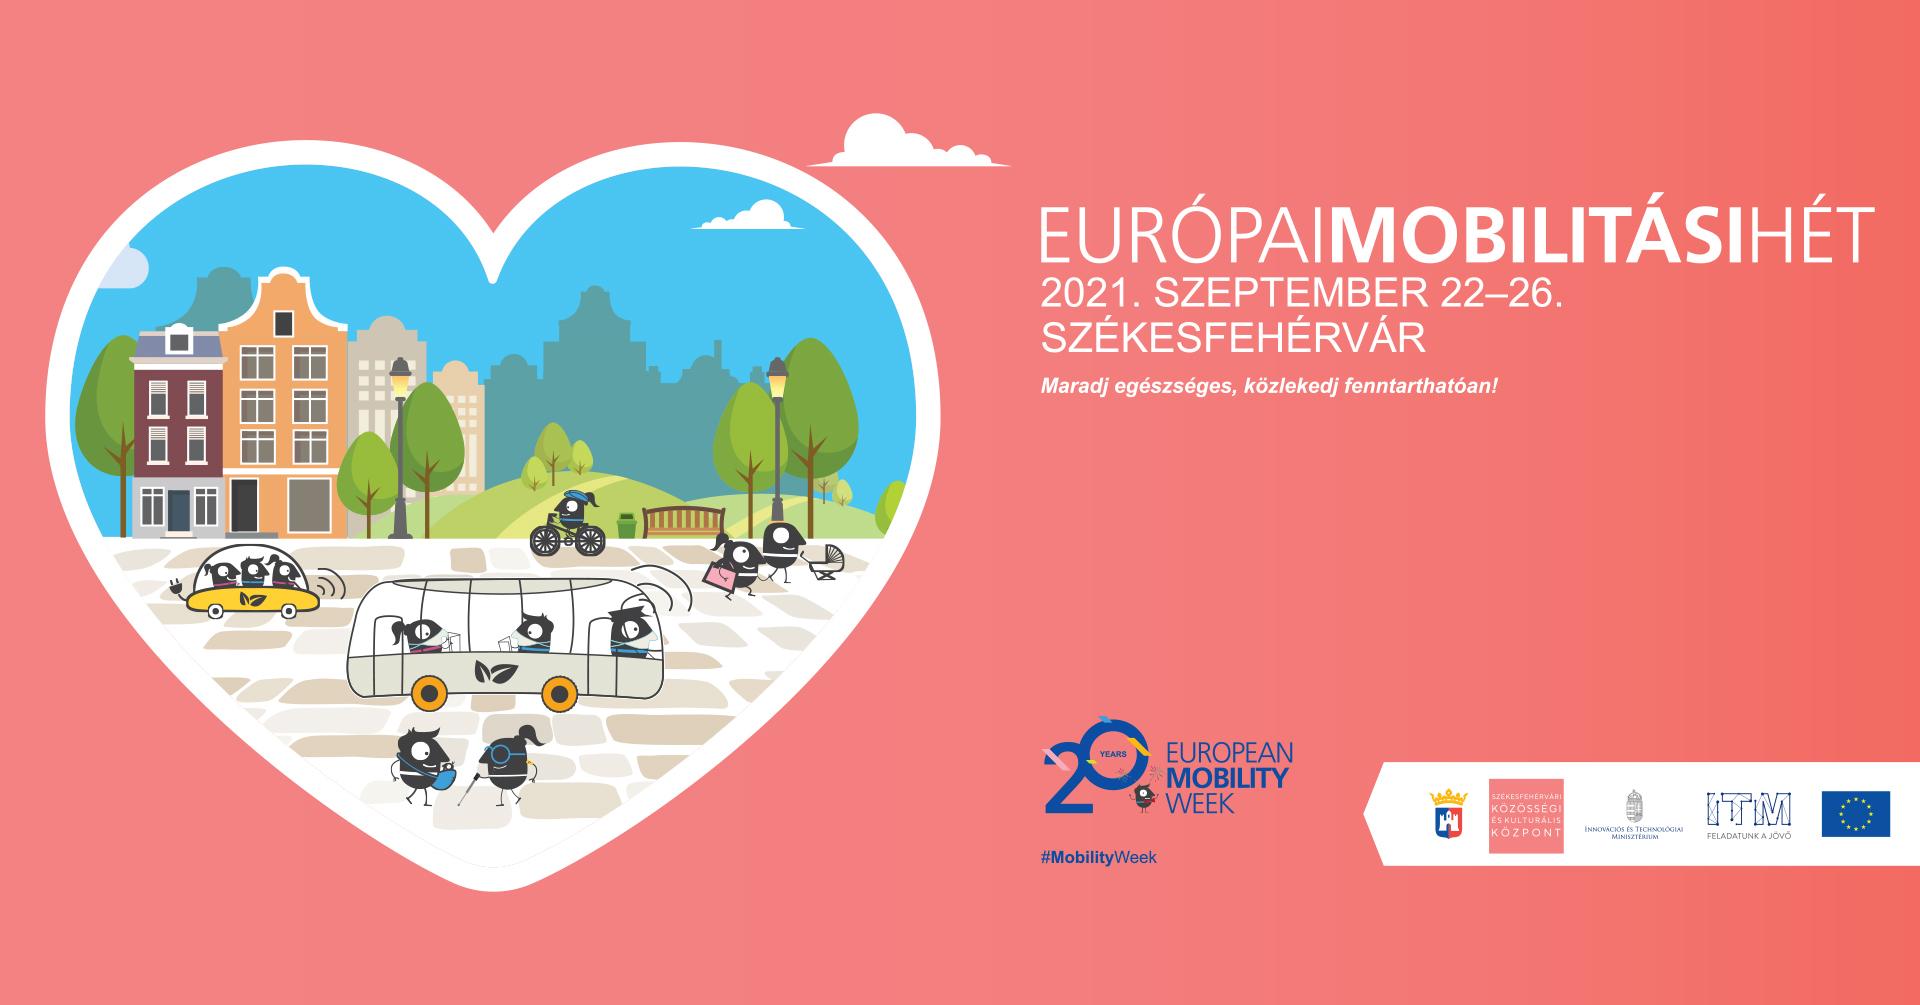 Európai Mobilitási Hét @ Székesfehérvár